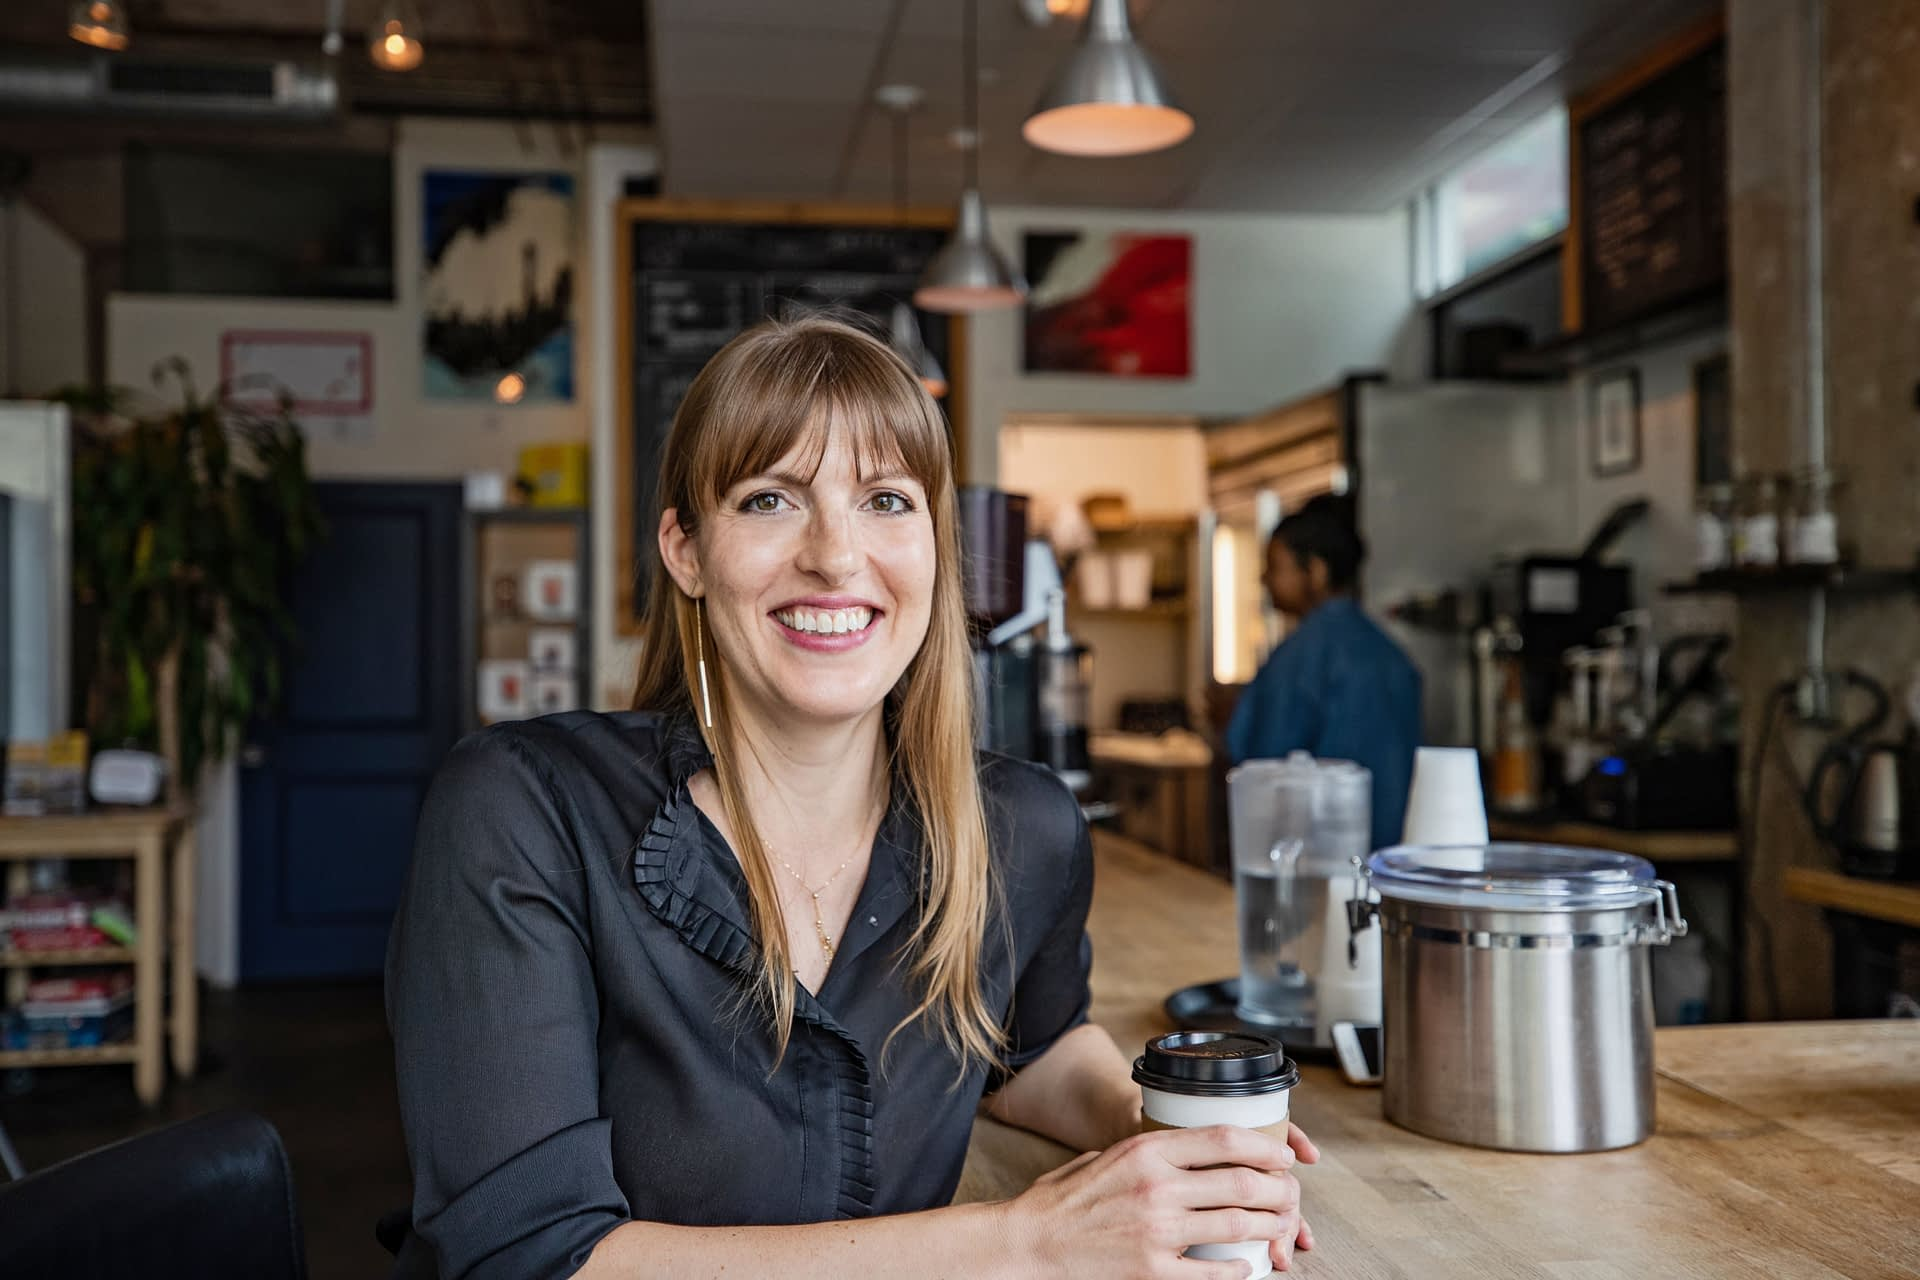 Kate Krumsieg, spark advertising agency Brand Director